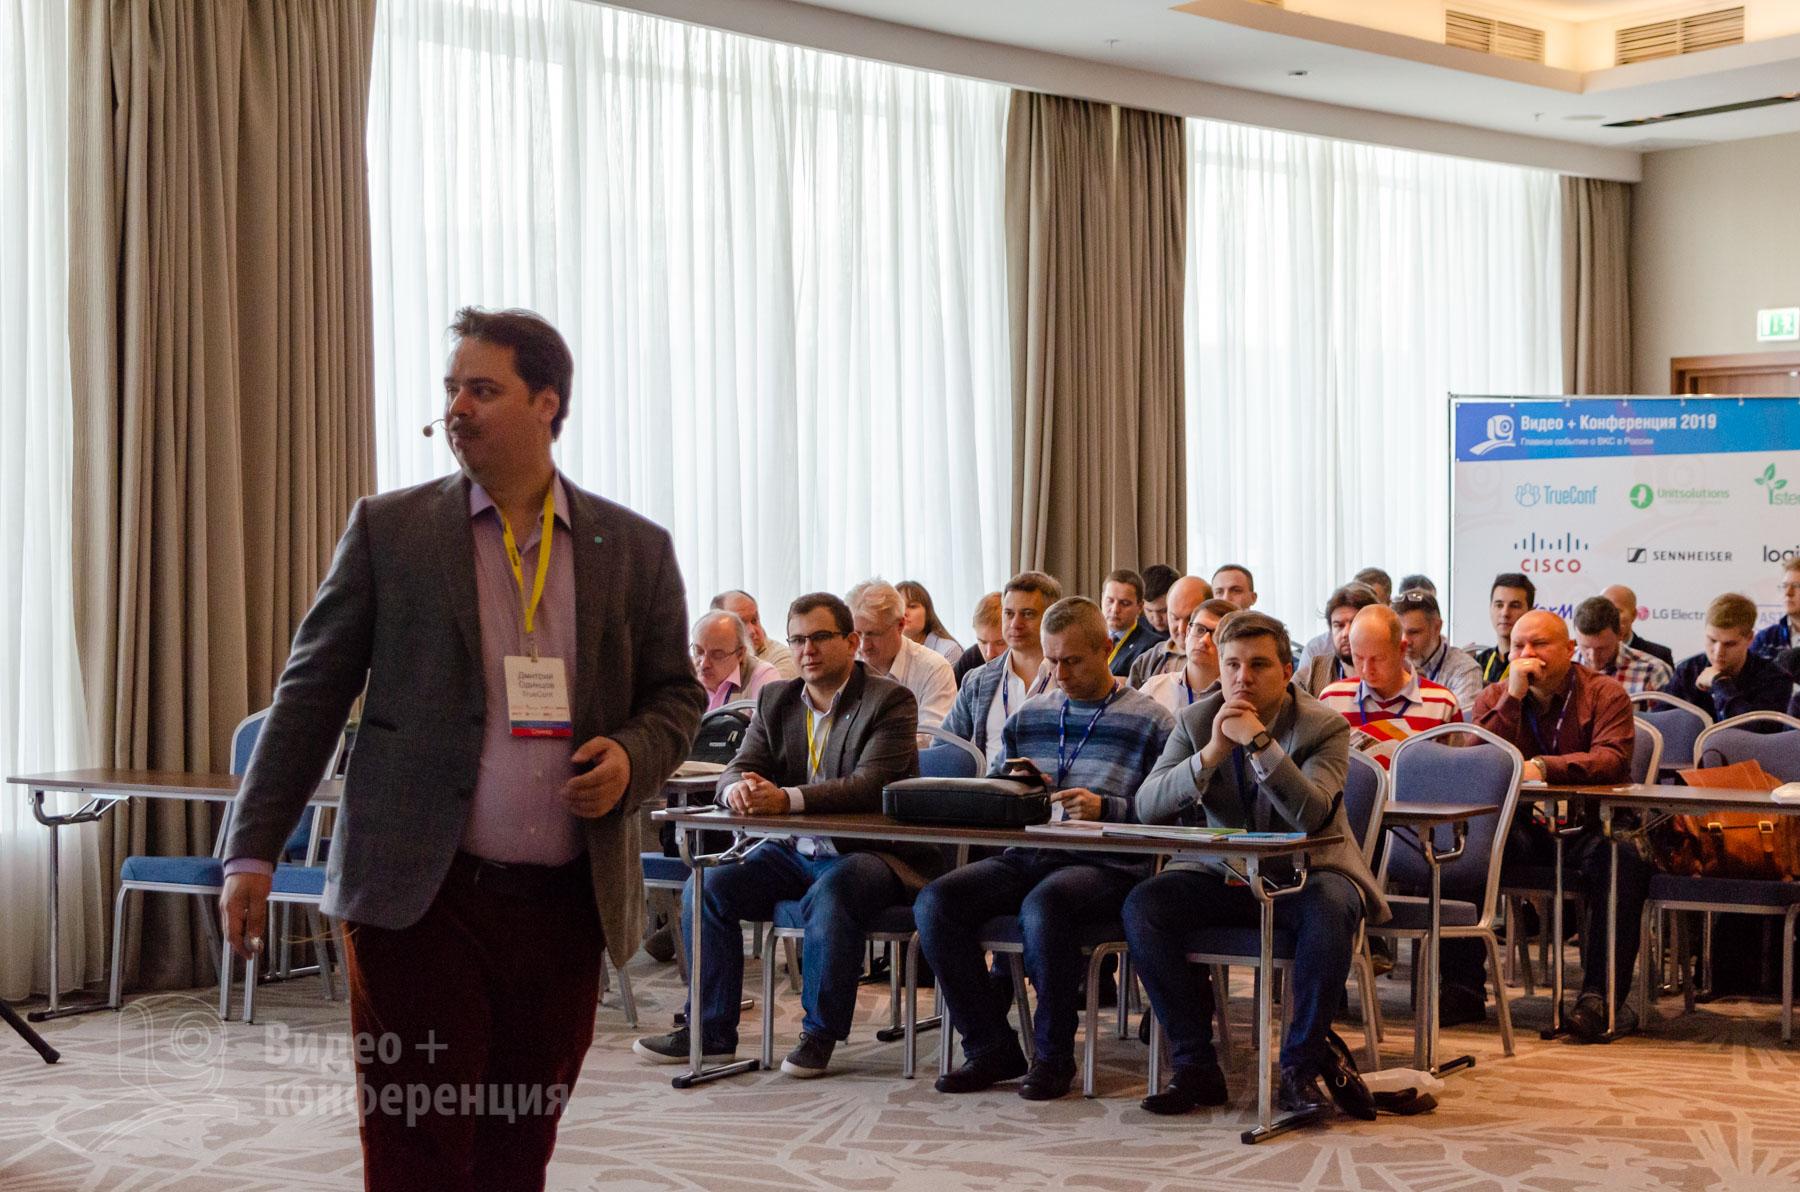 15-я юбилейная «Видео+Конференция 2019» объединила ведущих производителей ВКС и AV-решений 1